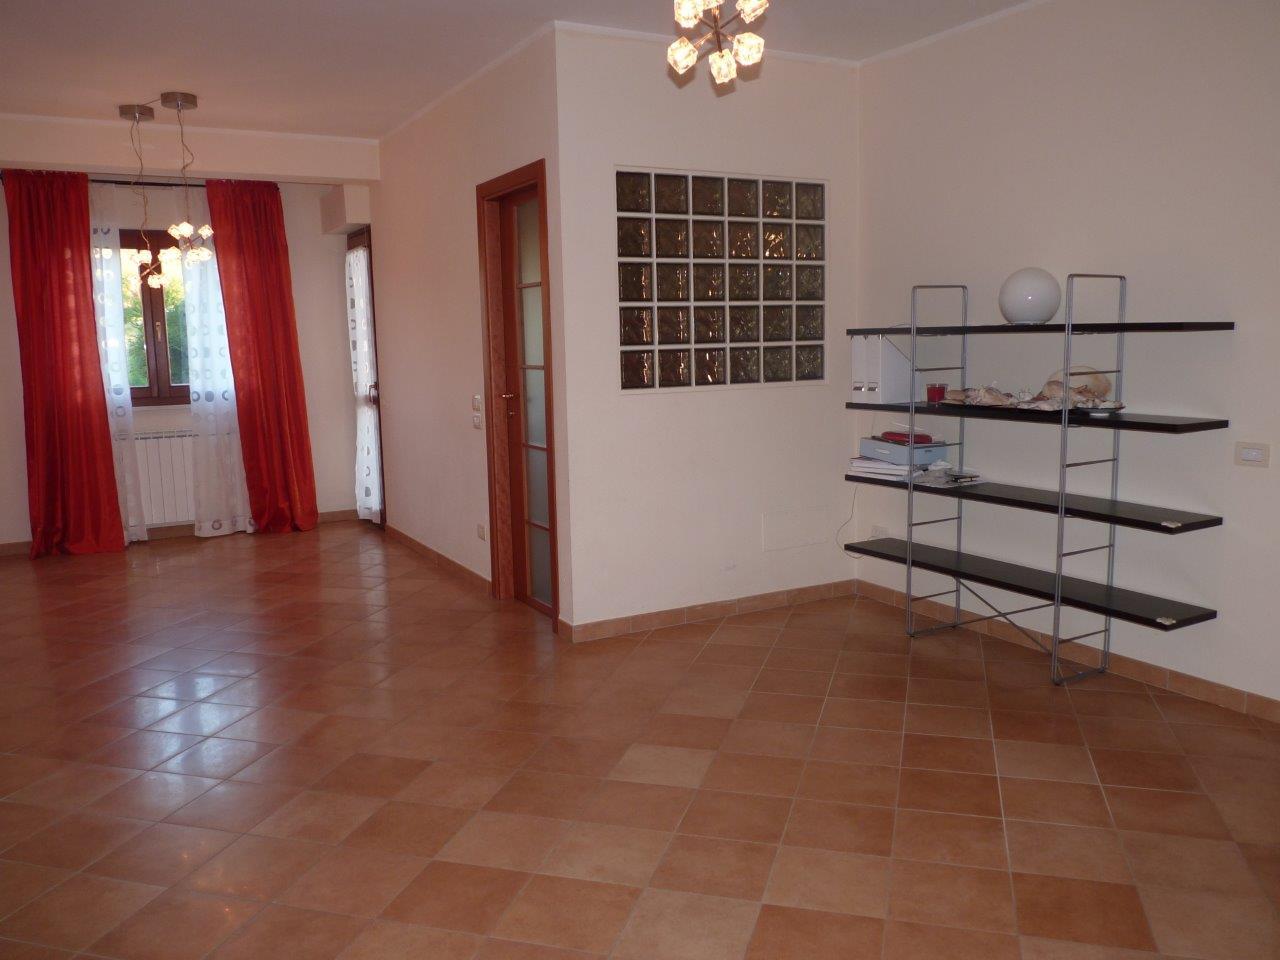 Appartamento in affitto a Fabriano, 4 locali, zona Località: PRESSICENTROCOMMERCIALE, prezzo € 550 | CambioCasa.it